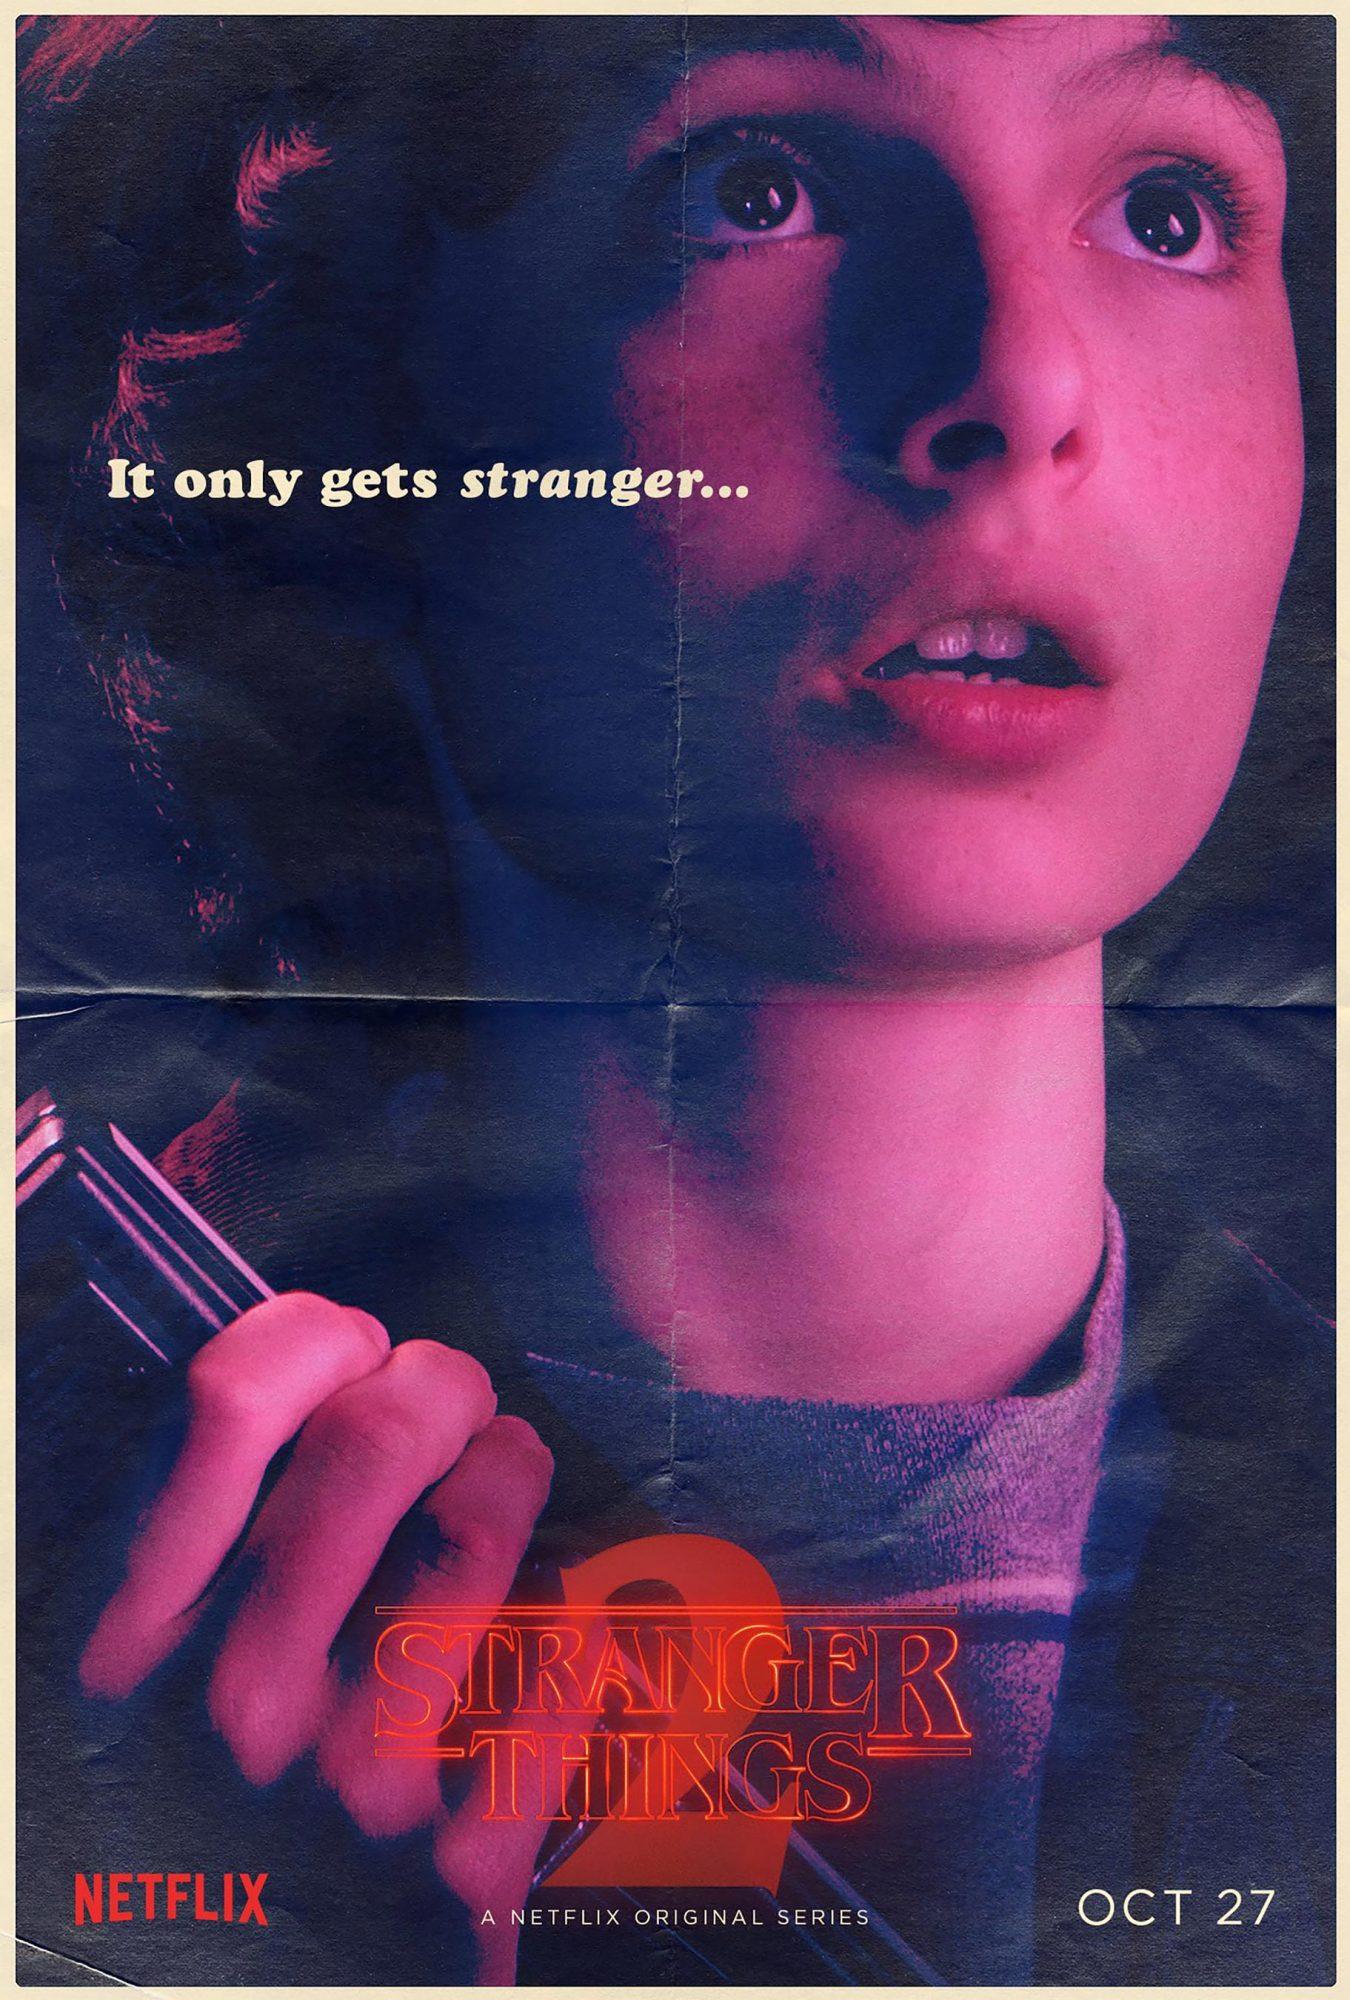 Stranger Things Season 2 - Finn Wolfhard CR: Netflix